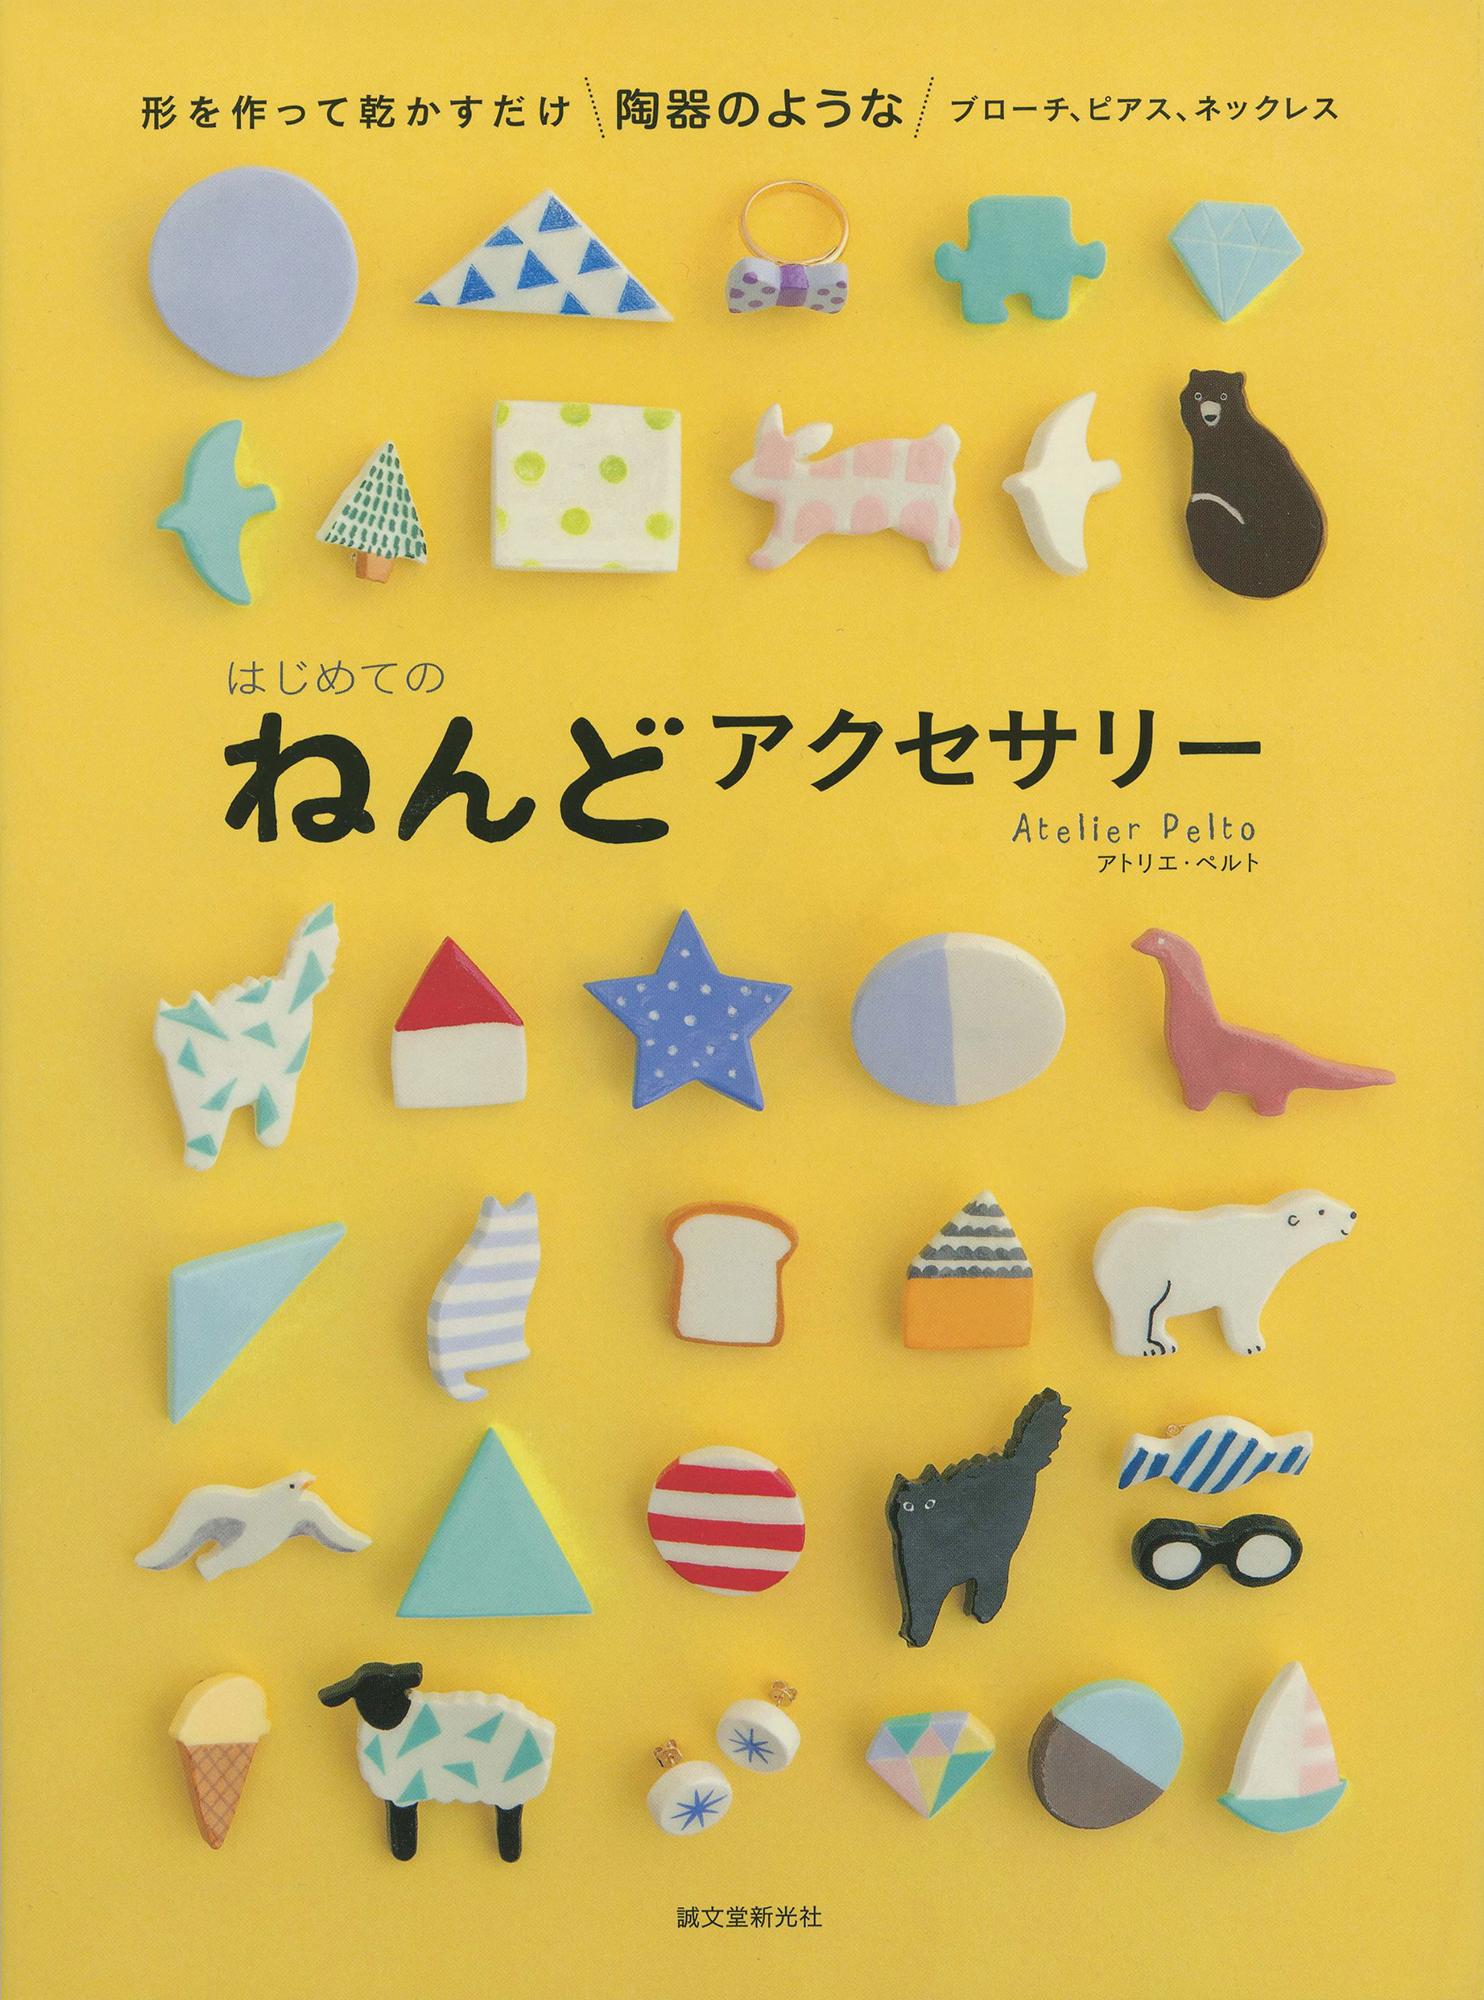 9_book_008